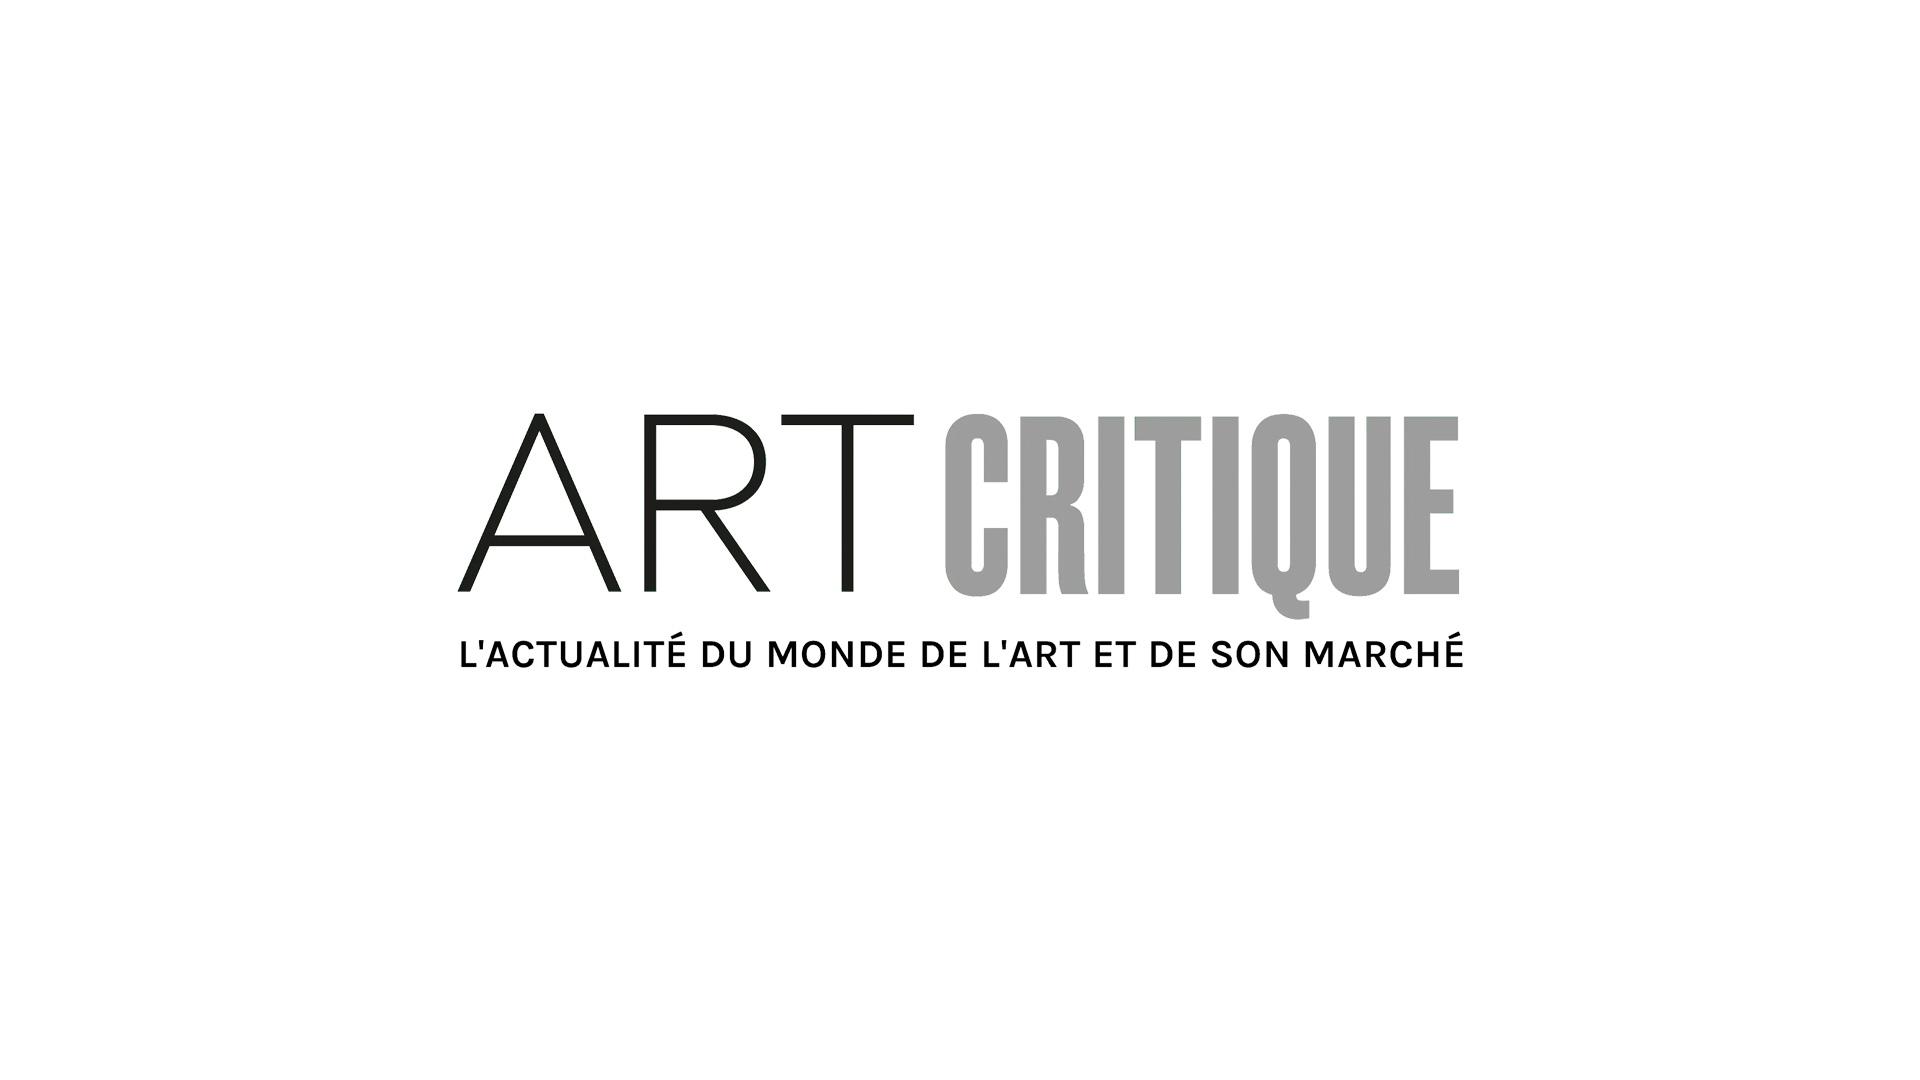 Le sculpteur Christian Lapie expose en plein air